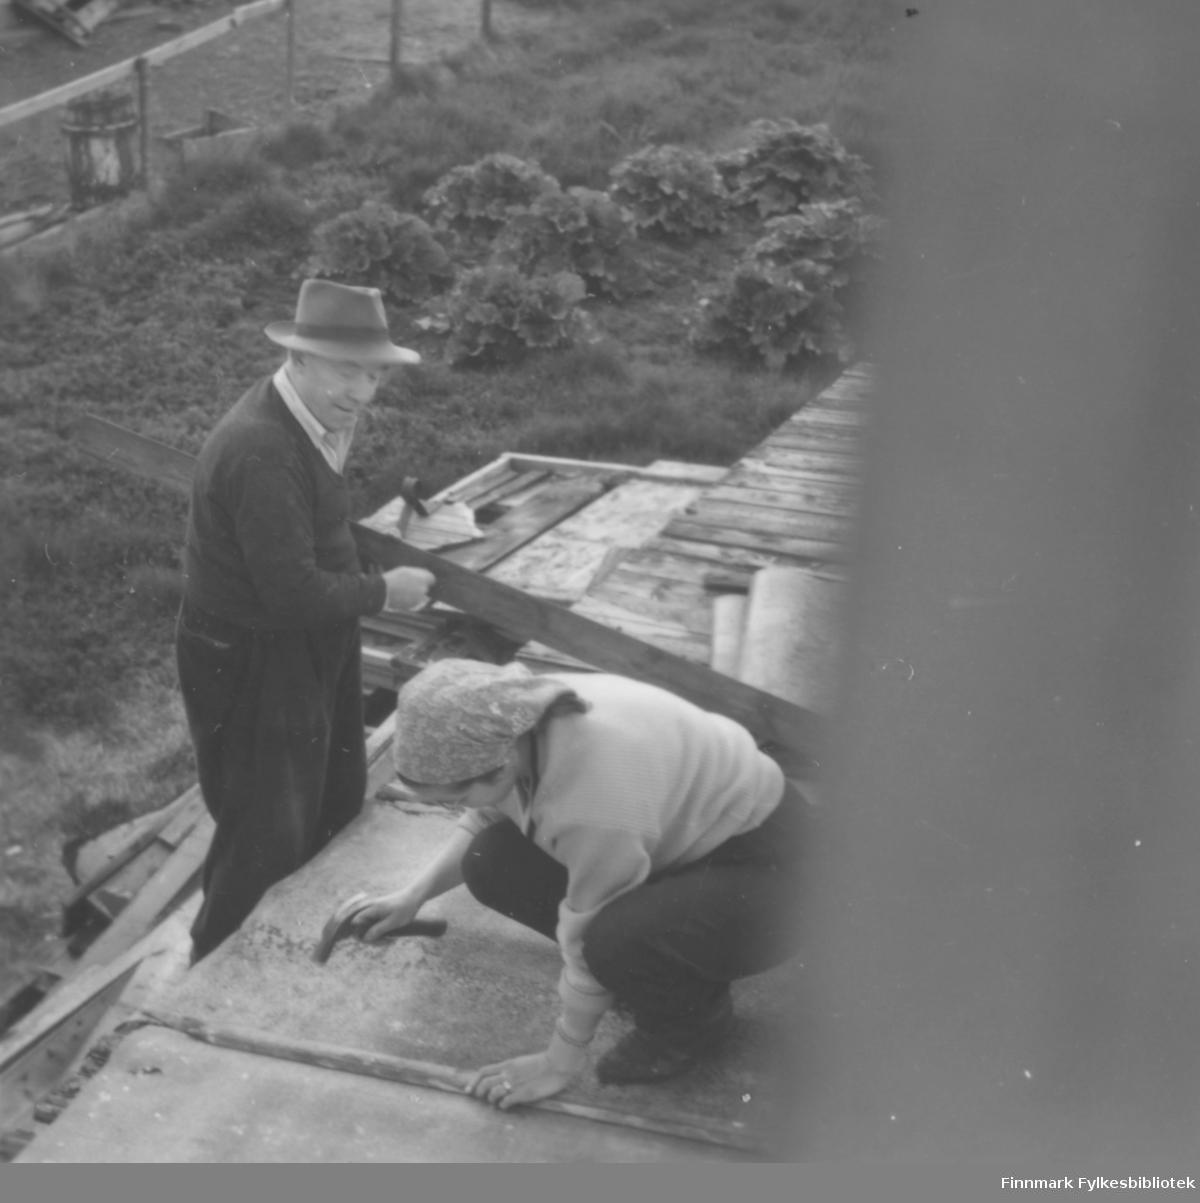 Takreparasjon på sjåtaket i Slettengata hos familien Kvam, ca. 1955-1960. Bjørg Hedberg snekrer, mens hennes far, Halfdan Kvam, rekker henne mer materiale